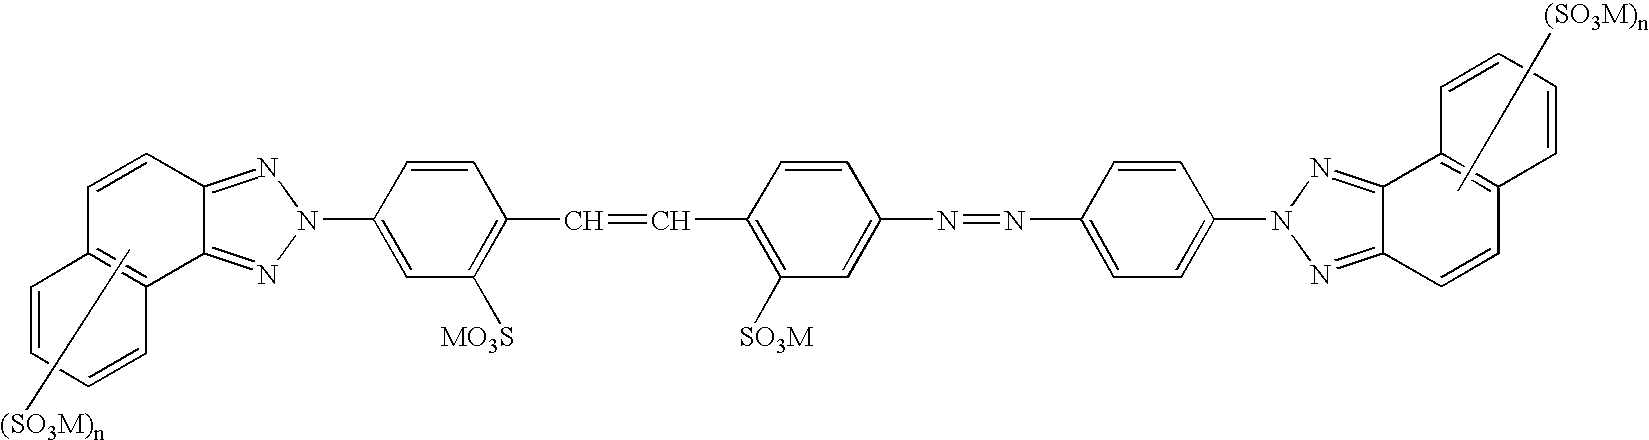 Figure US20060103705A1-20060518-C00007